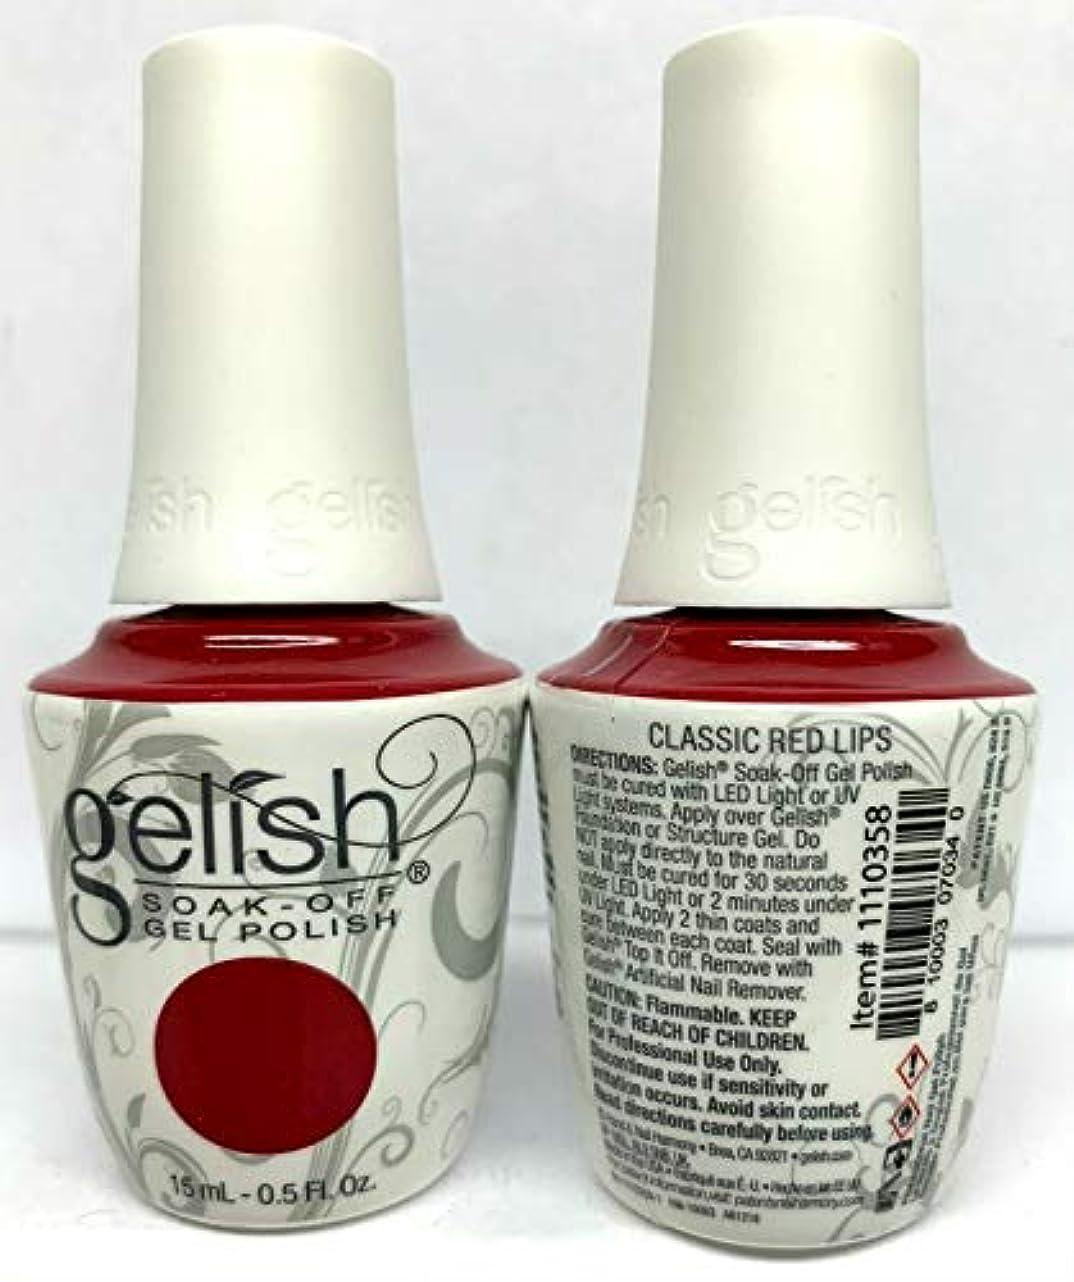 休憩するちょっと待って噴水Harmony Gelish - Forever Marilyn Fall 2019 Collection - Classic Red Lips - 15ml / 0.5oz